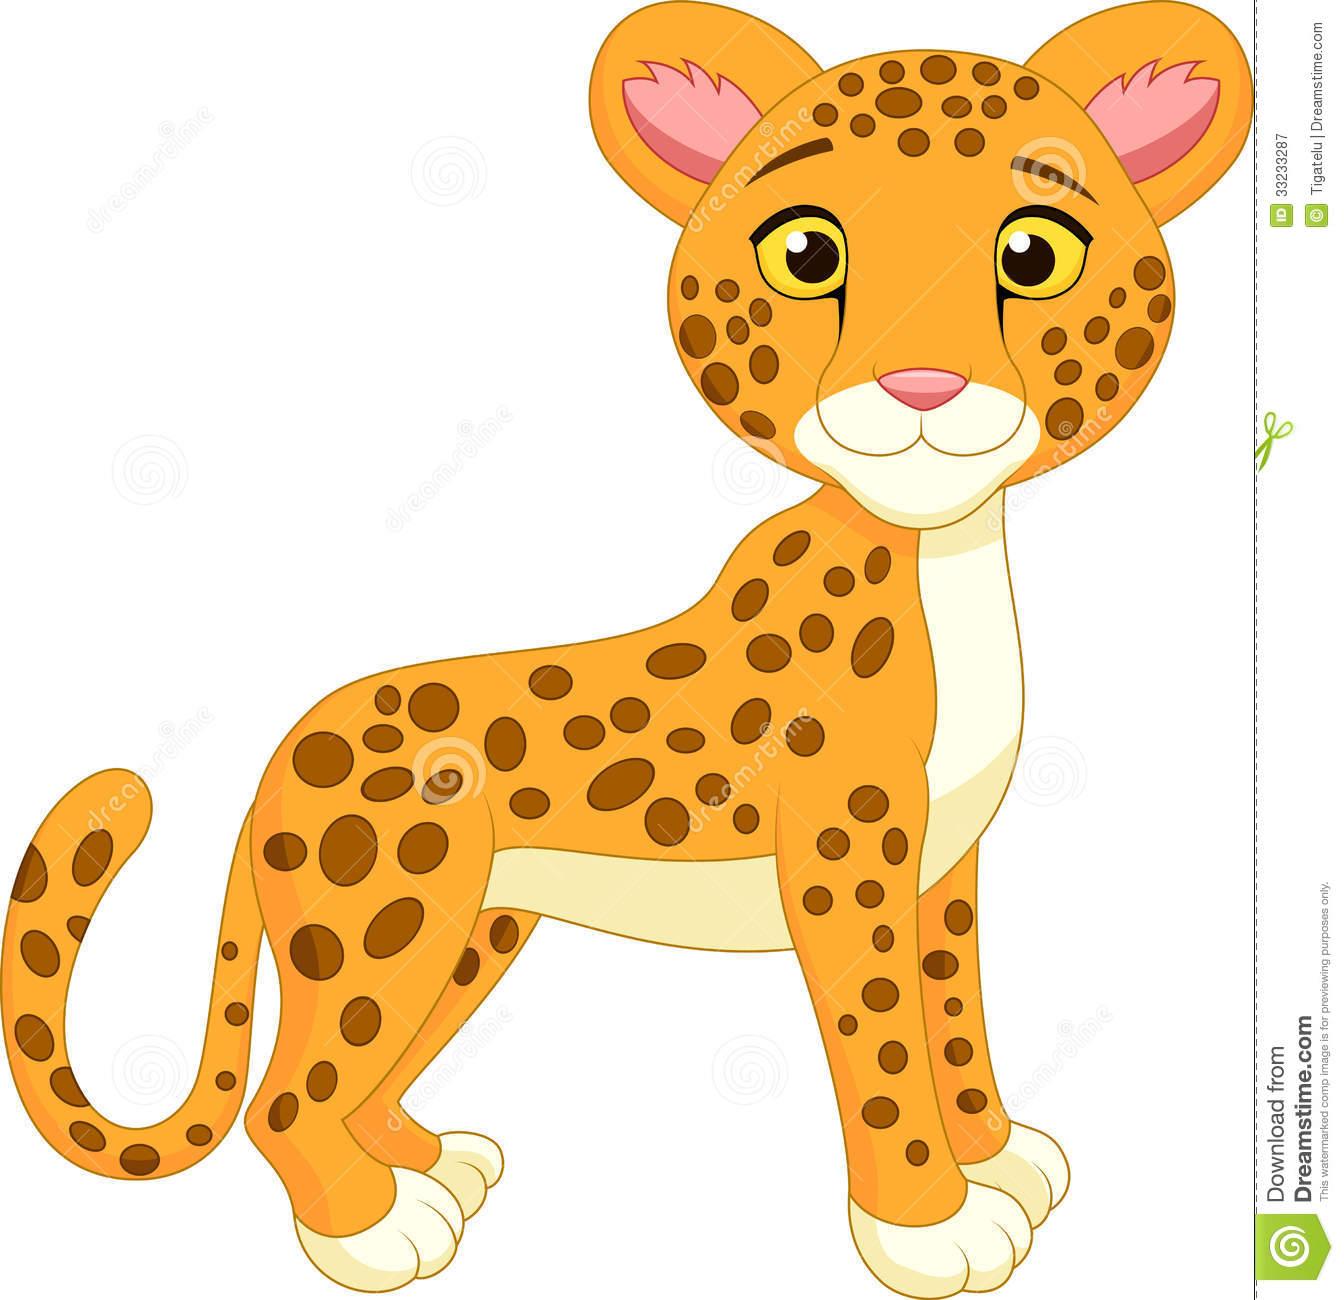 Cheetah clipart. Cartoon